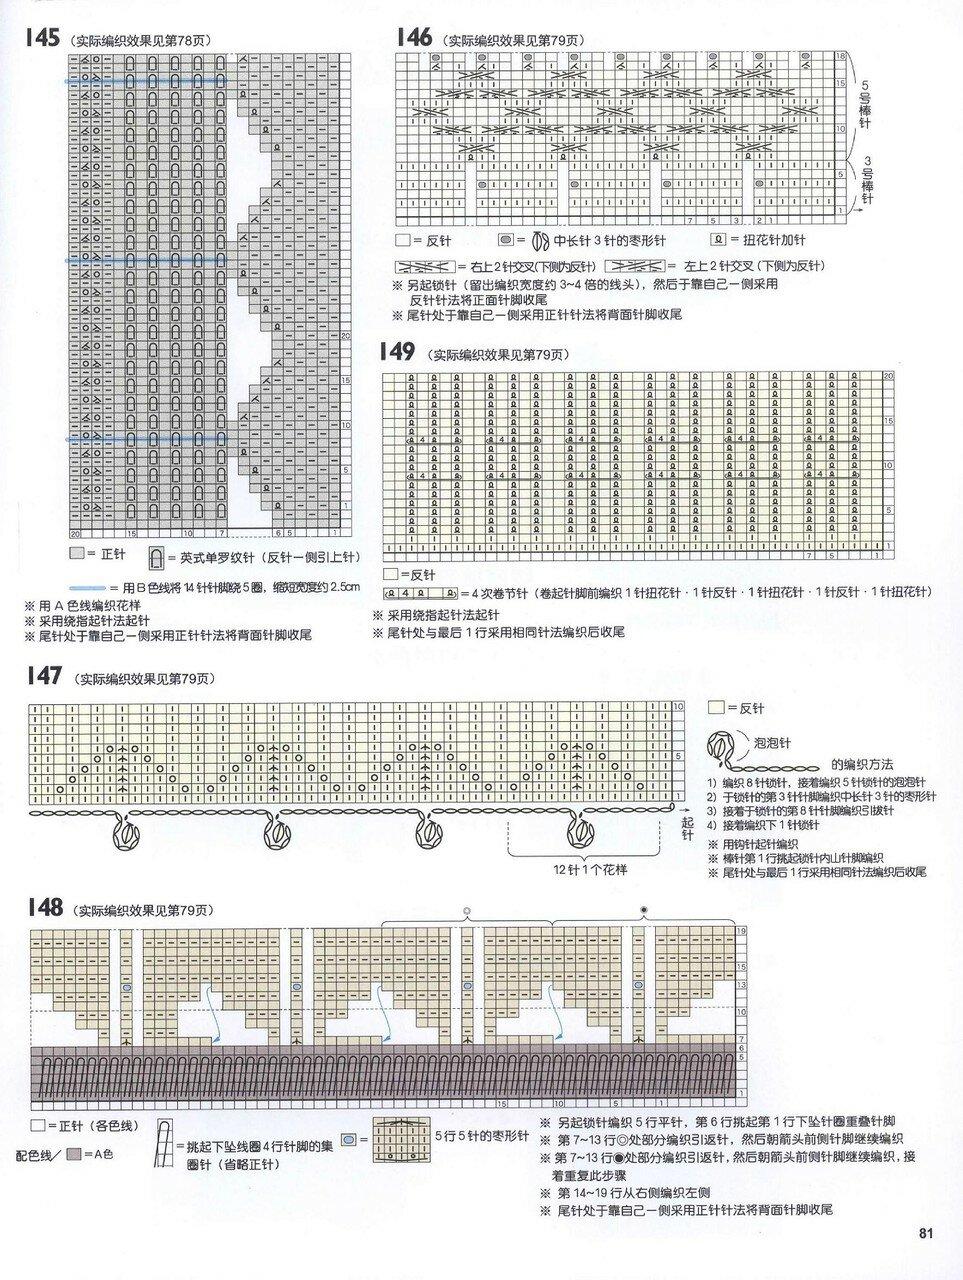 150 Knitting_83.jpg